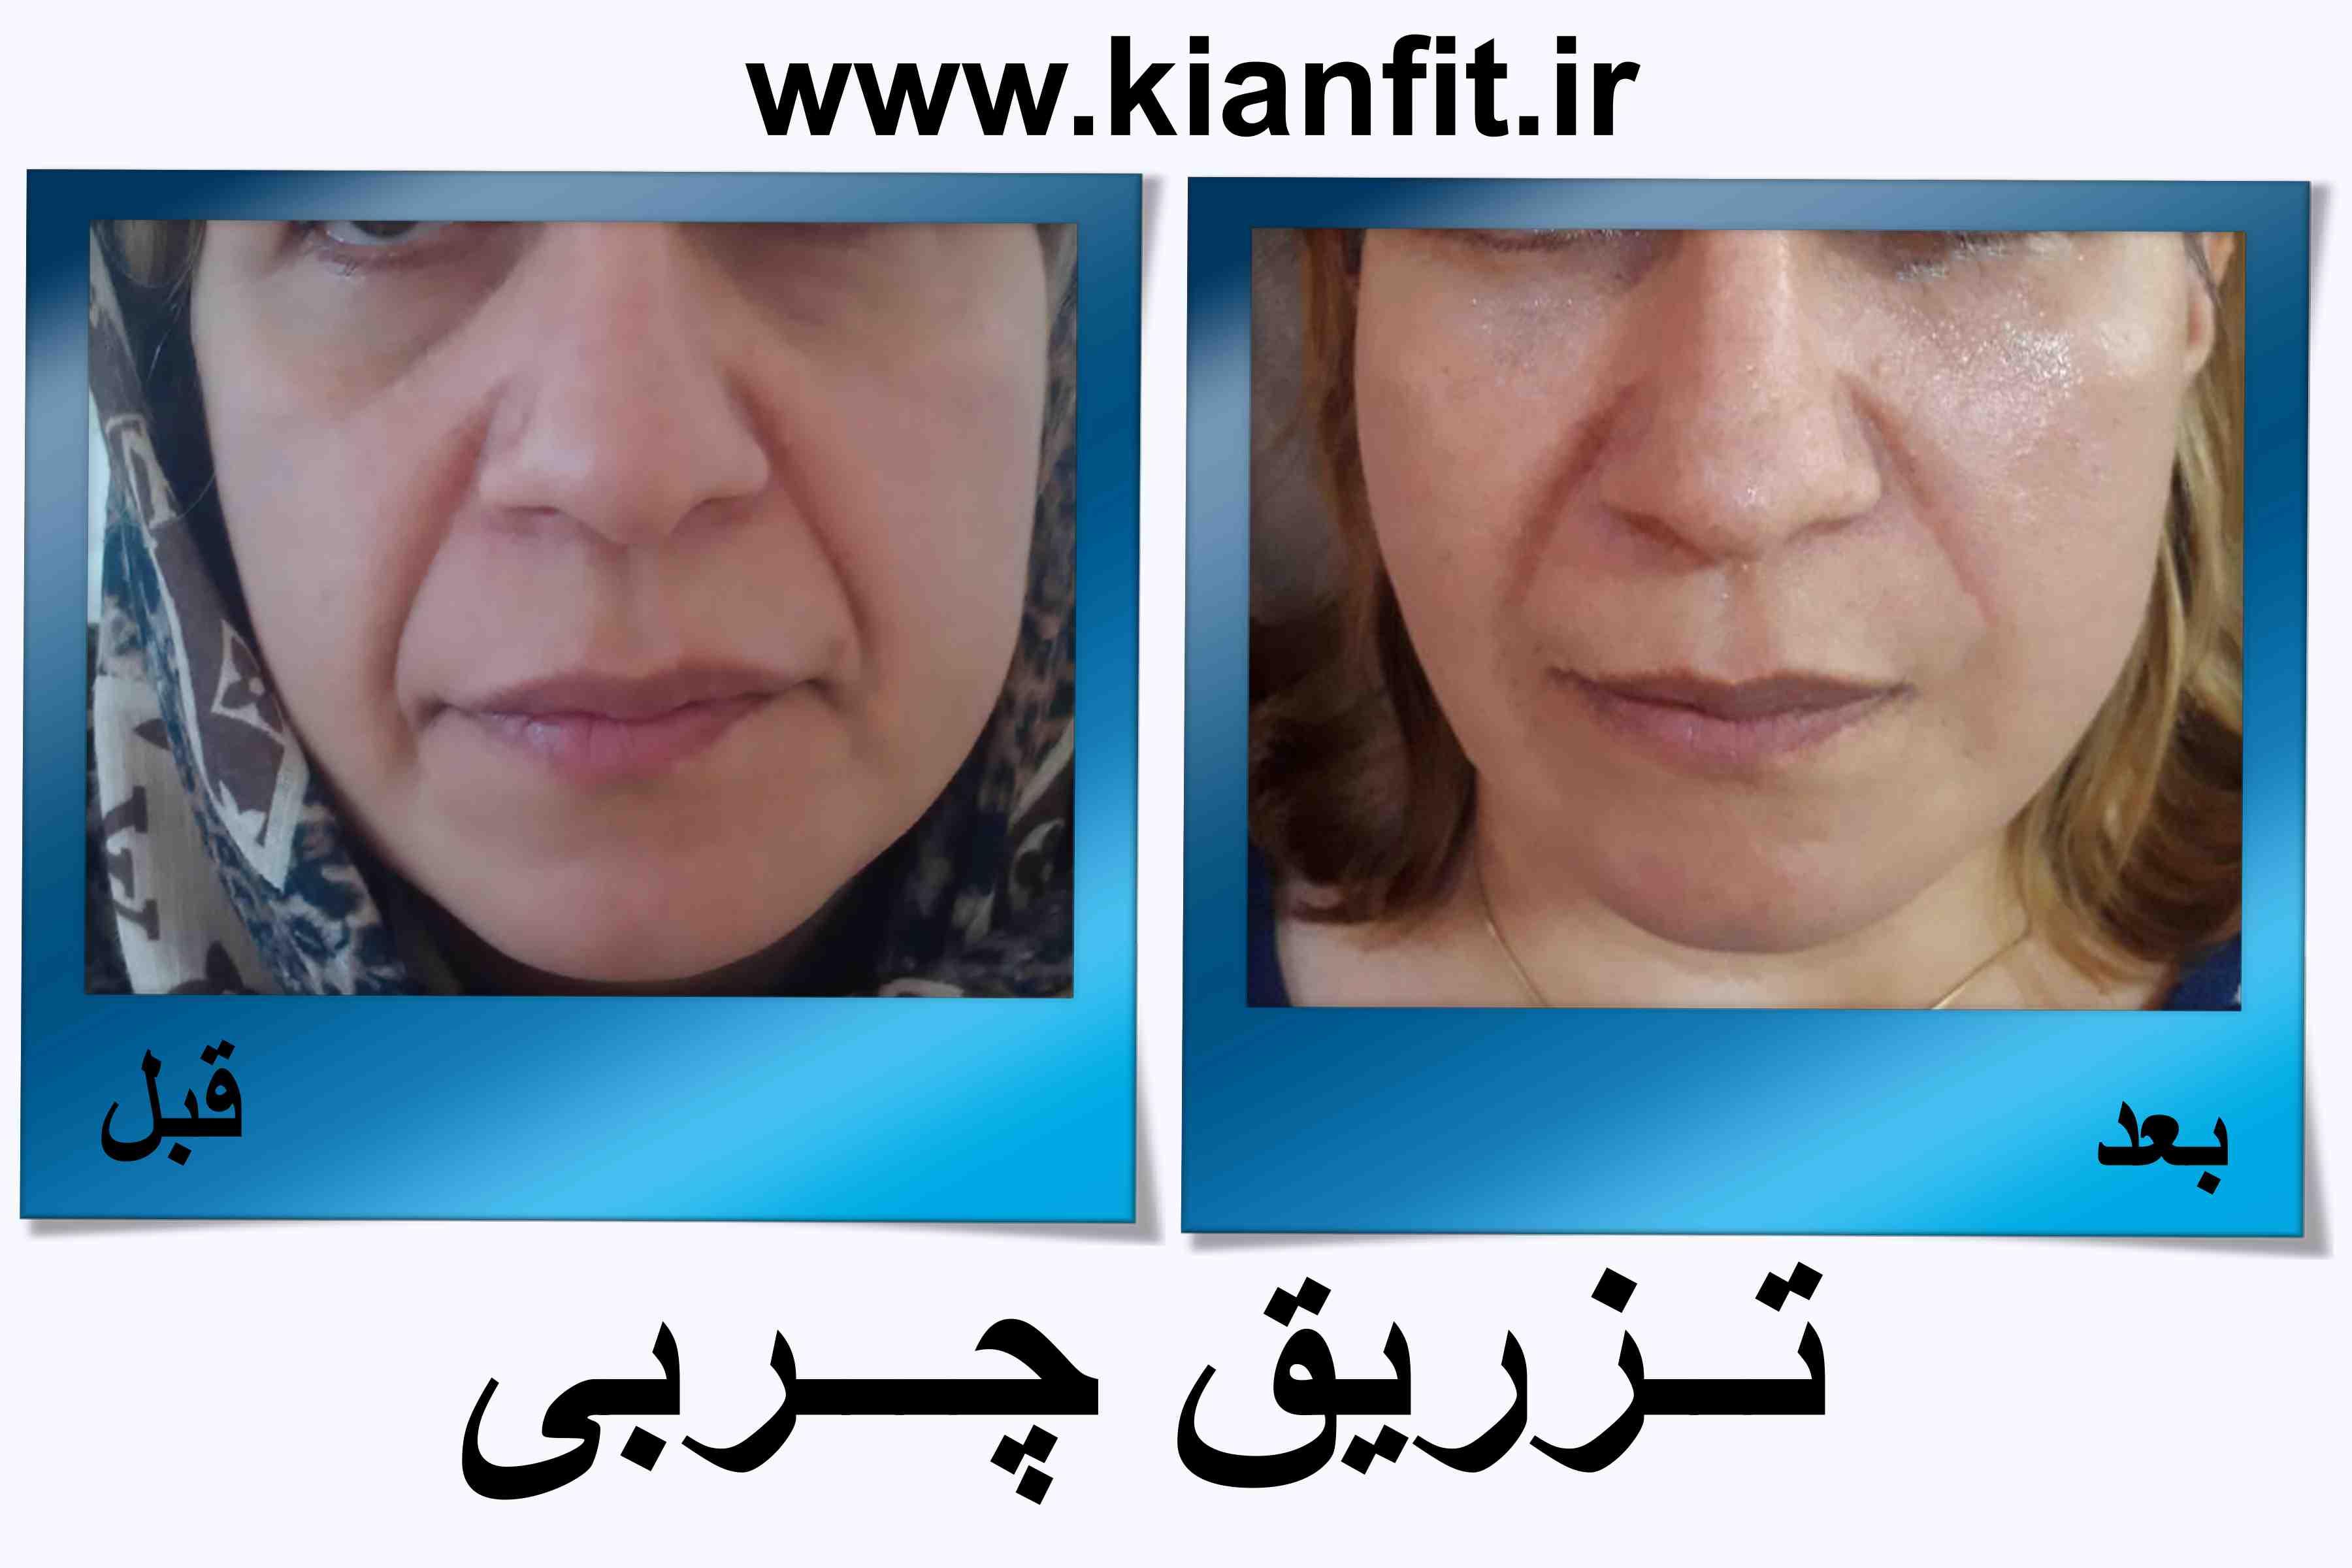 تزریق چربی صورت در رشت